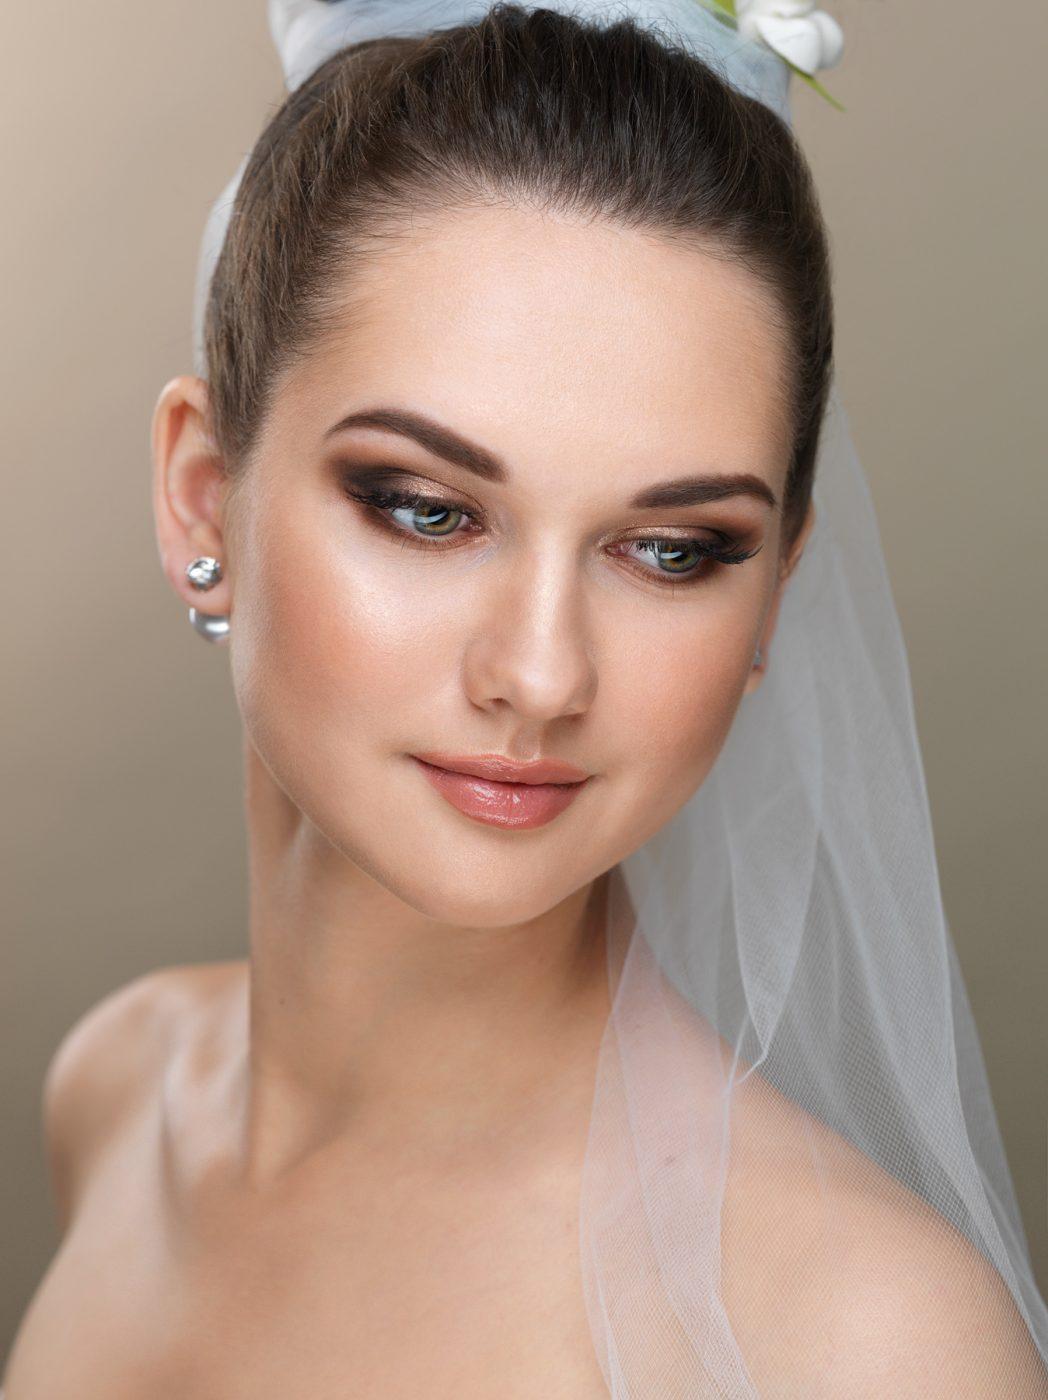 montreal makeup artist - nady makeup. weddings, bridal makeup